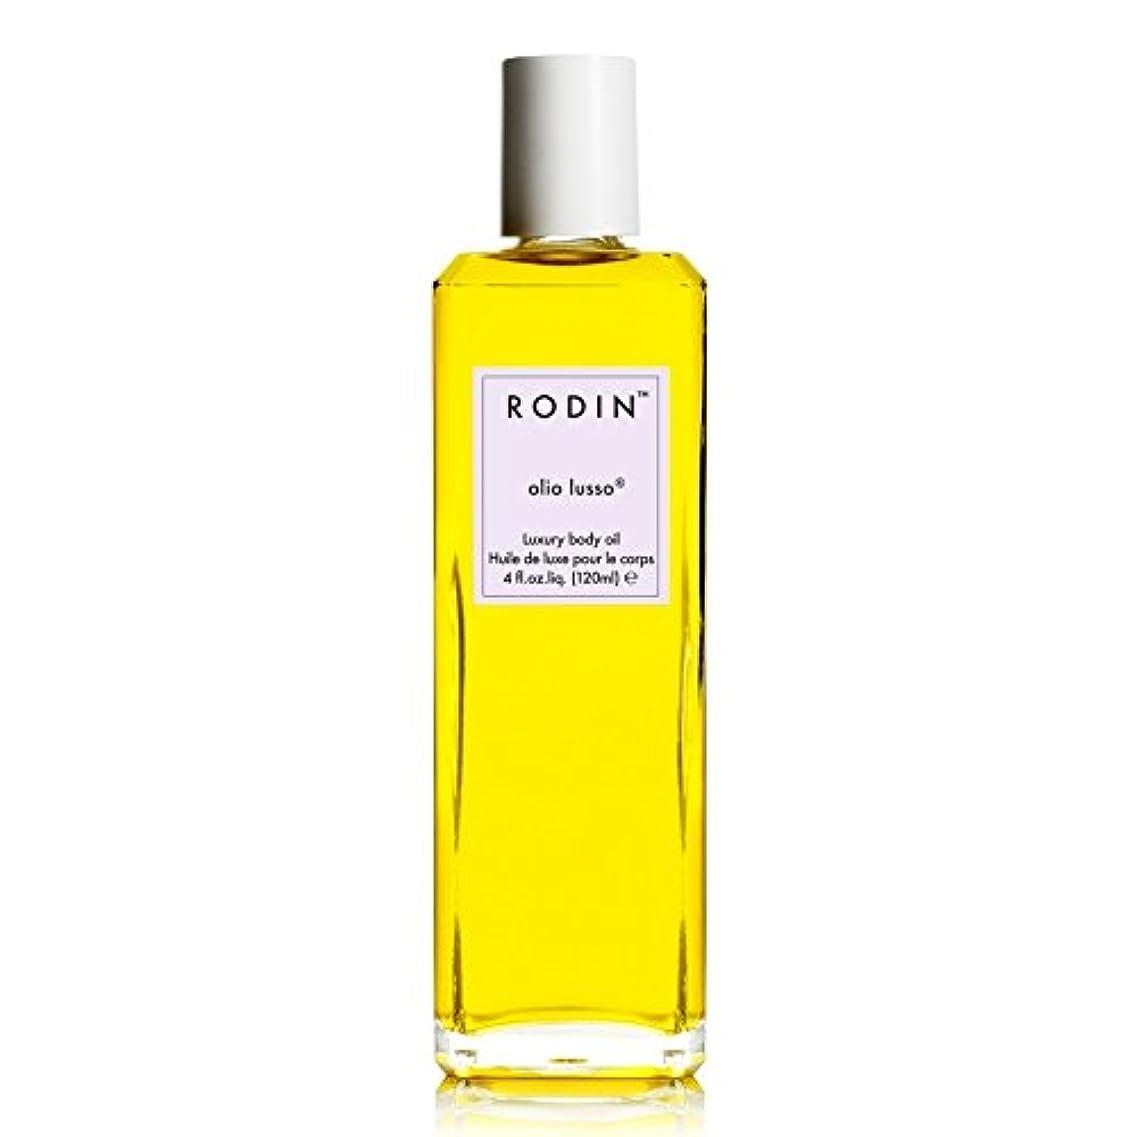 好戦的なウォーターフロント写真のRODIN olio lusso Lavender Absolute Luxury Body Oil 30ml - ロダンルッソラベンダー絶対贅沢なボディオイル30ミリリットル [並行輸入品]